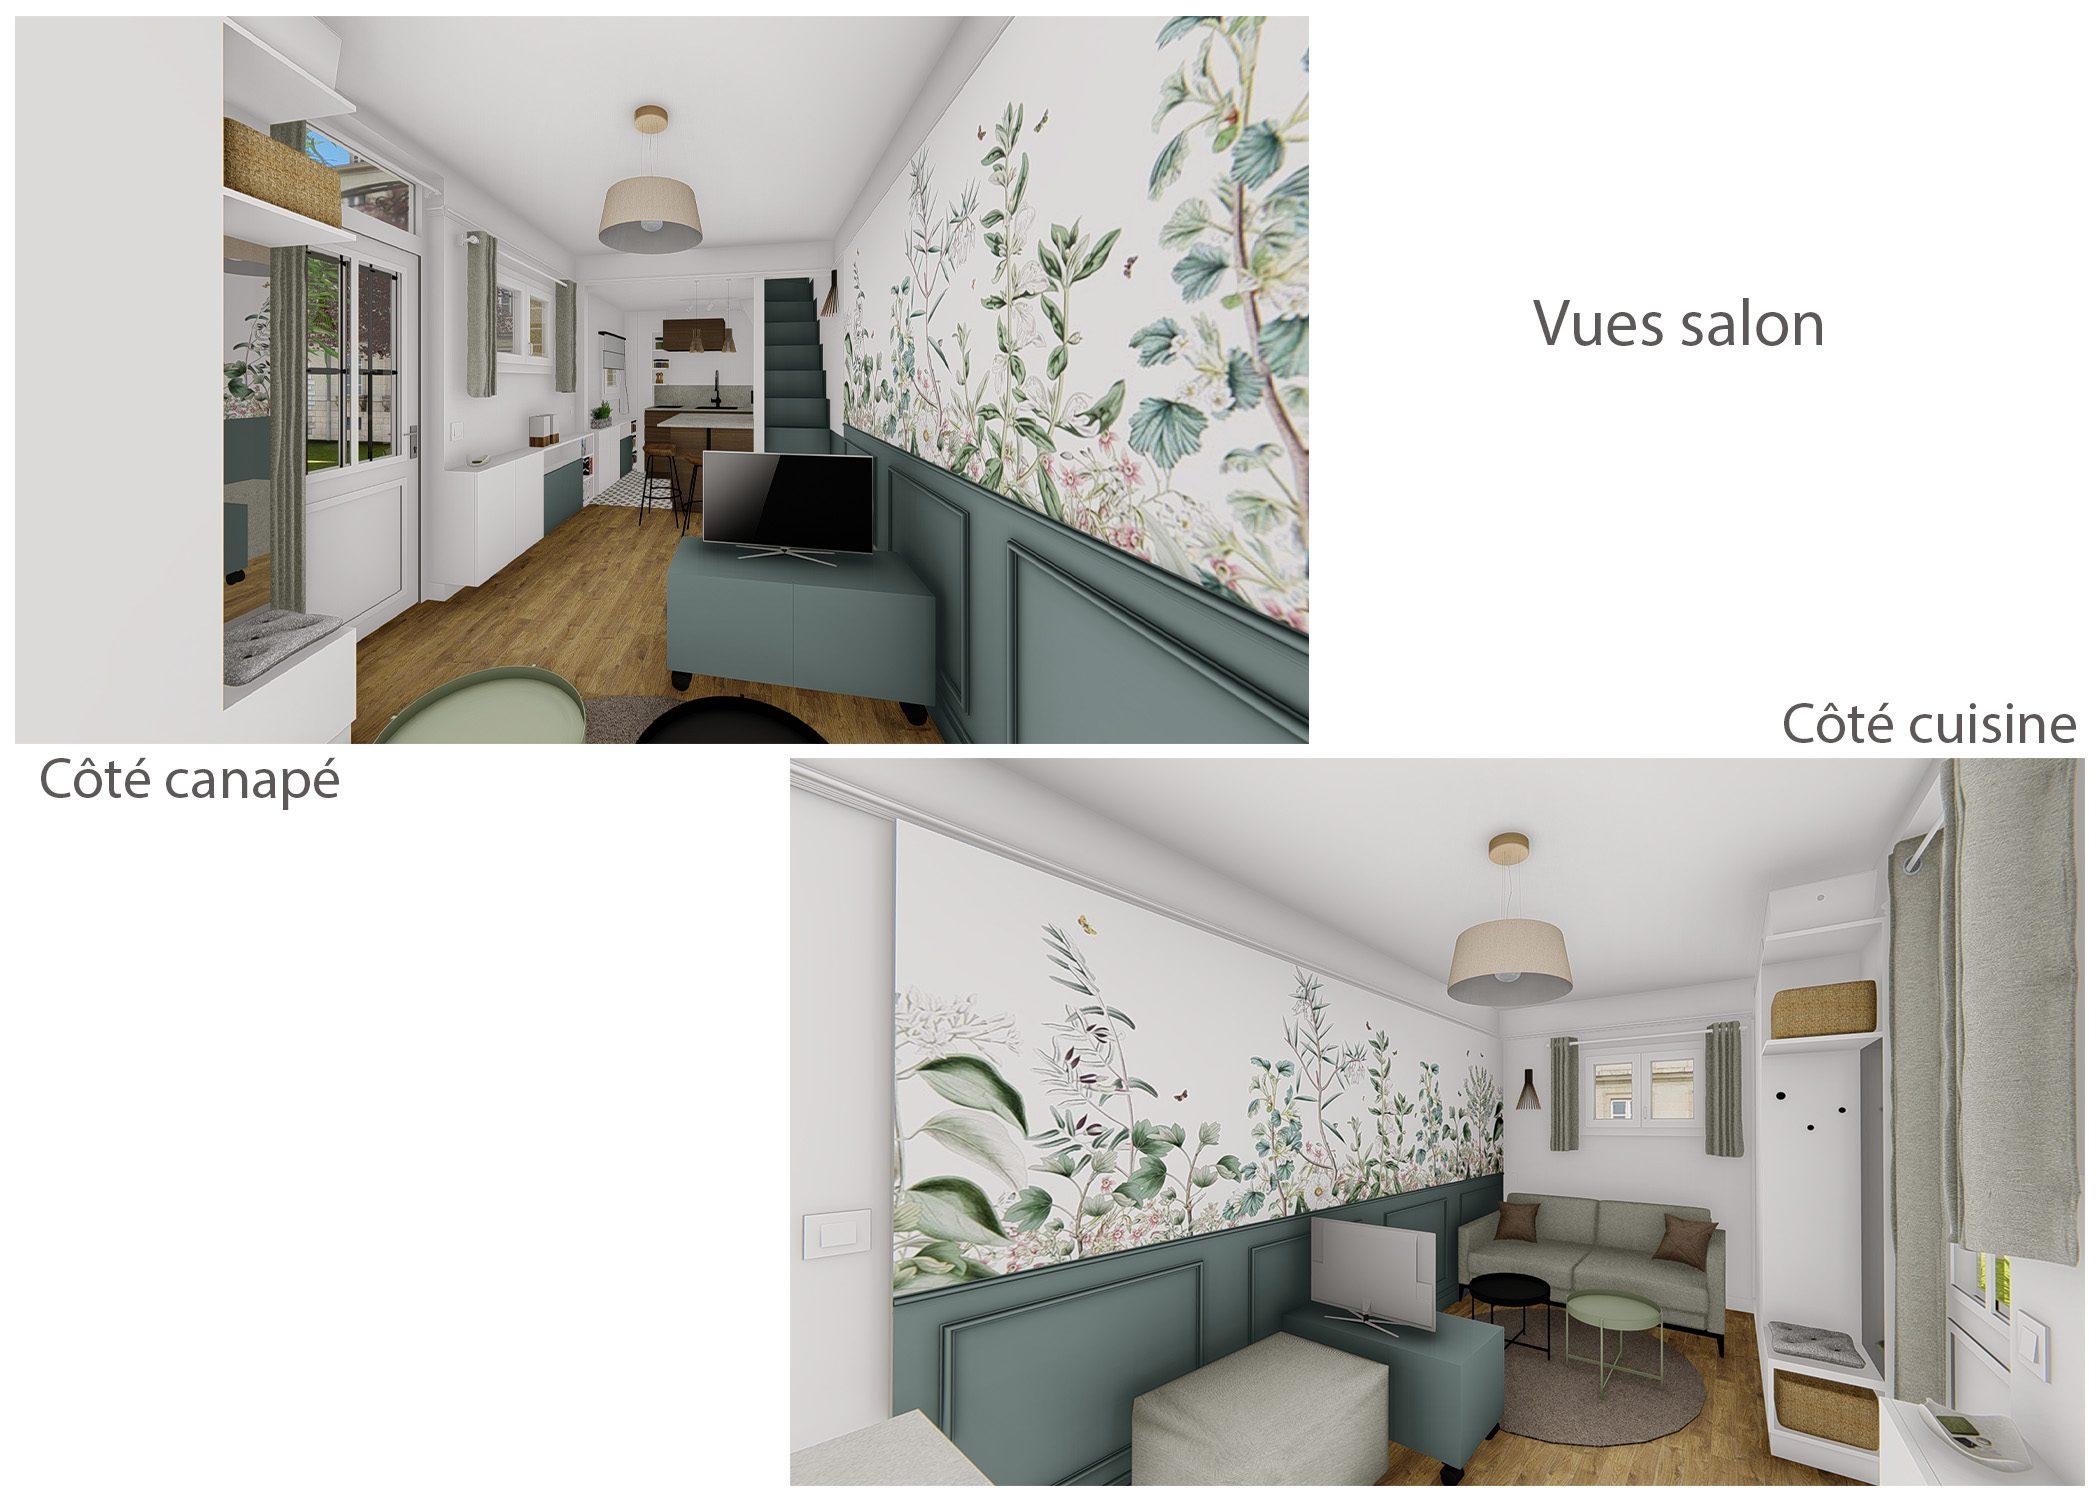 amenagement-decoration-maisonnette-paris-vues salon-dekho design